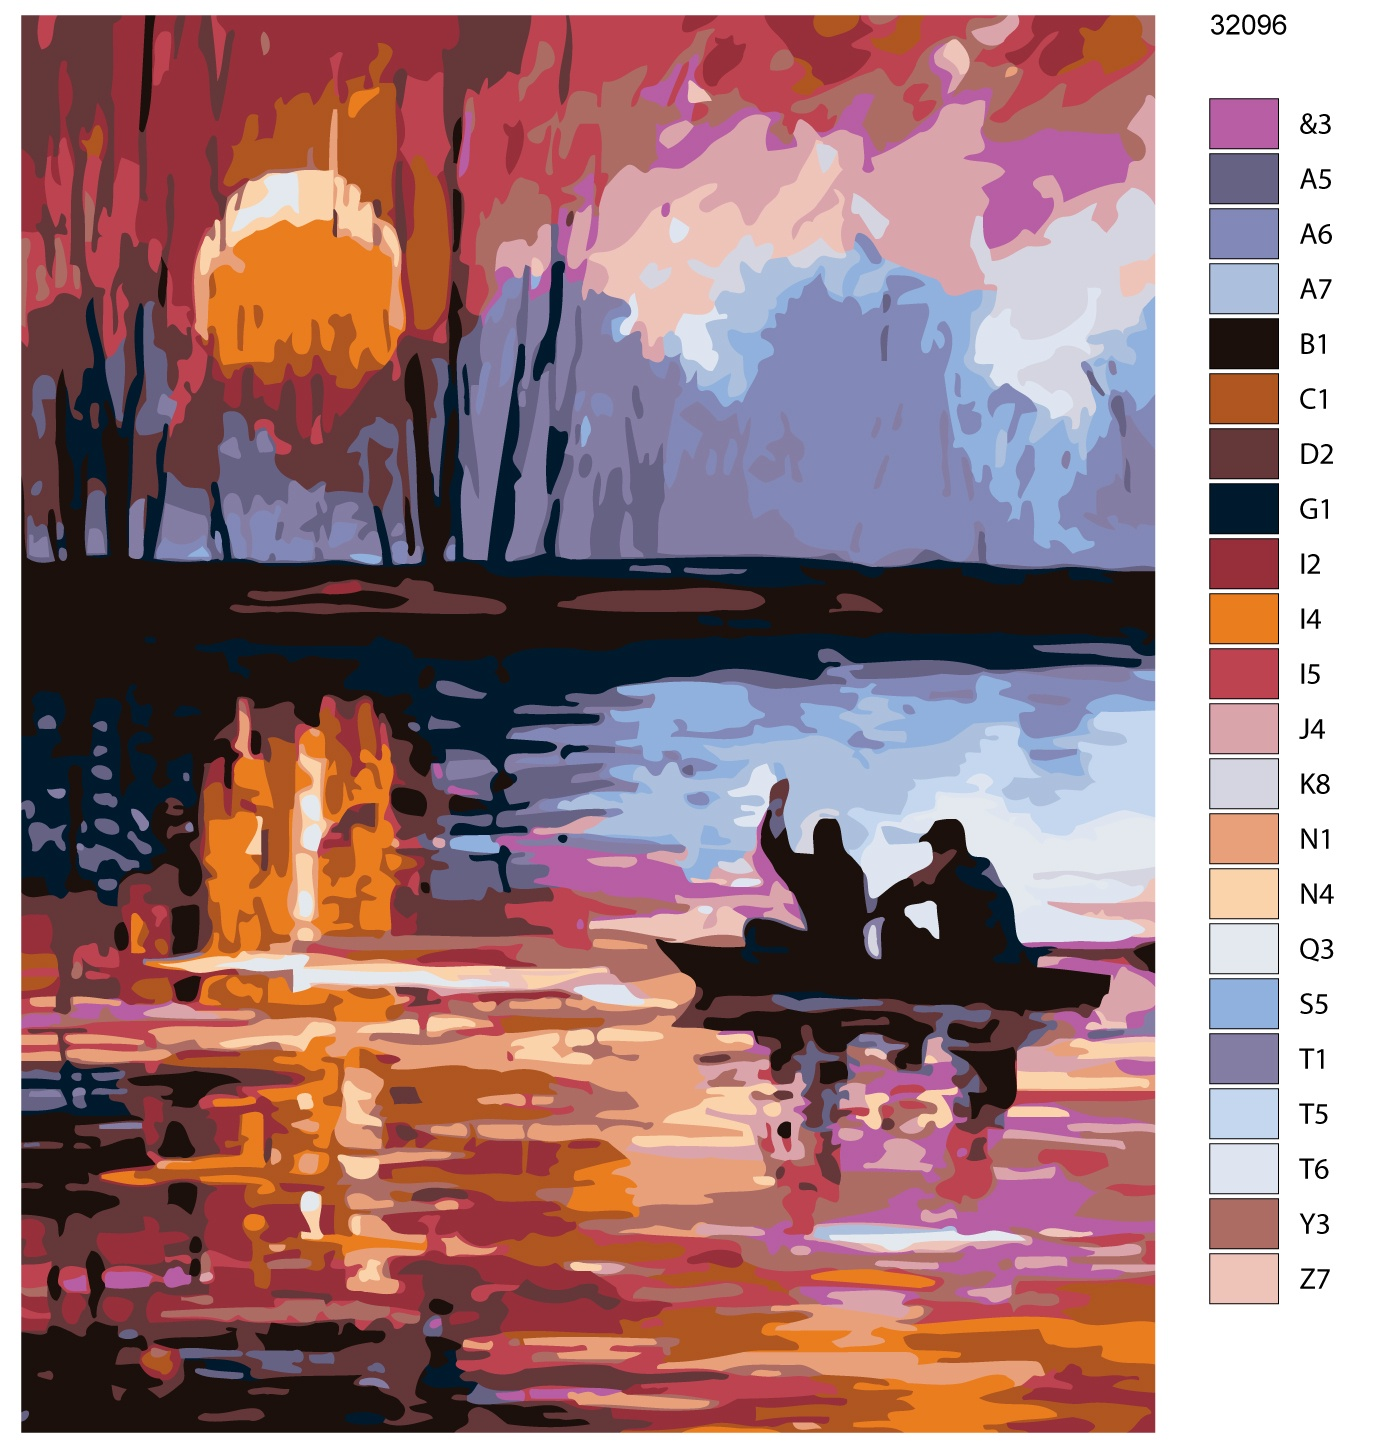 Набор для создания картины Живопись по номерам KTMK-32096KTMK-32096Количество красок от 18 до 24. Картина раскрашивается без смешивания красок. Высококачественные акриловые краски собственного производства сделают вашу картину яркой и уникальной. Все необходимые материалы есть в комплекте: натуральный хлопковый холст, натянутый на деревянный подрамник, баночки с акриловыми красками на водной основе, 3 кисти из качественного нейлона, схема раскрашивания, инструкция. Просто закрашивайте участки красками с соответствующим номером.